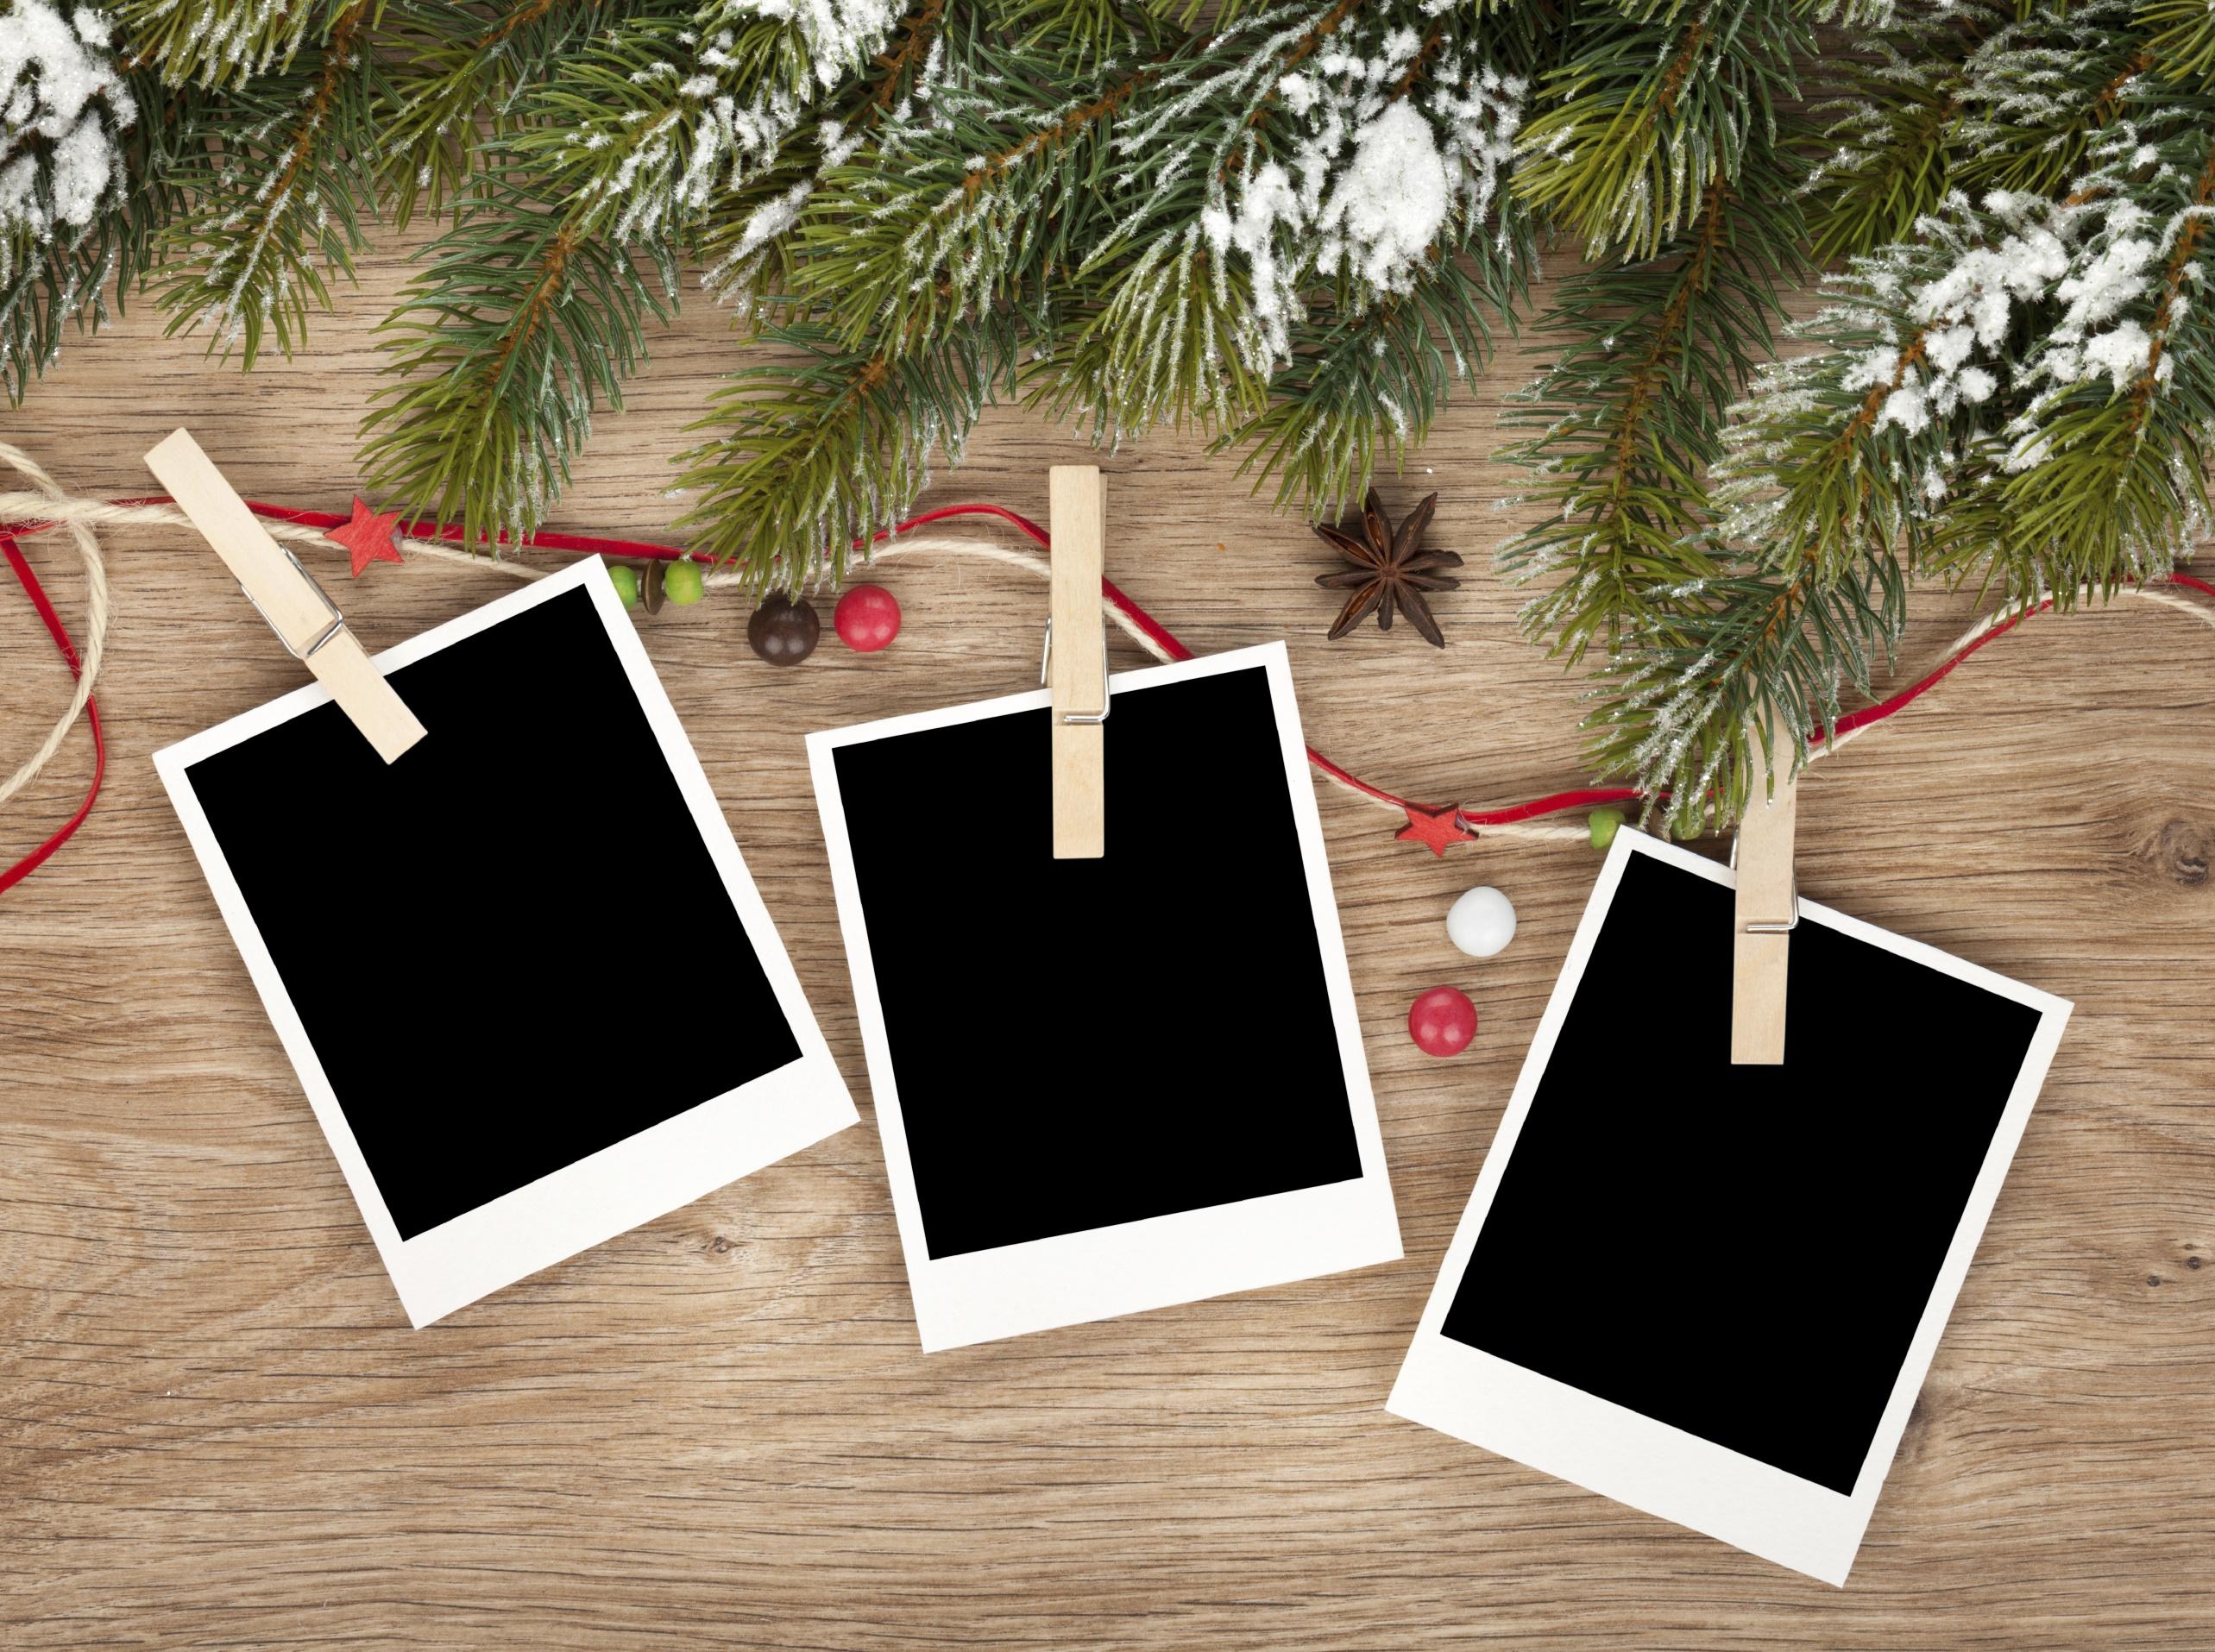 TBT Christmas Edition: 3 Creative Ways to CelebrateScanMyPhotos.com Blog